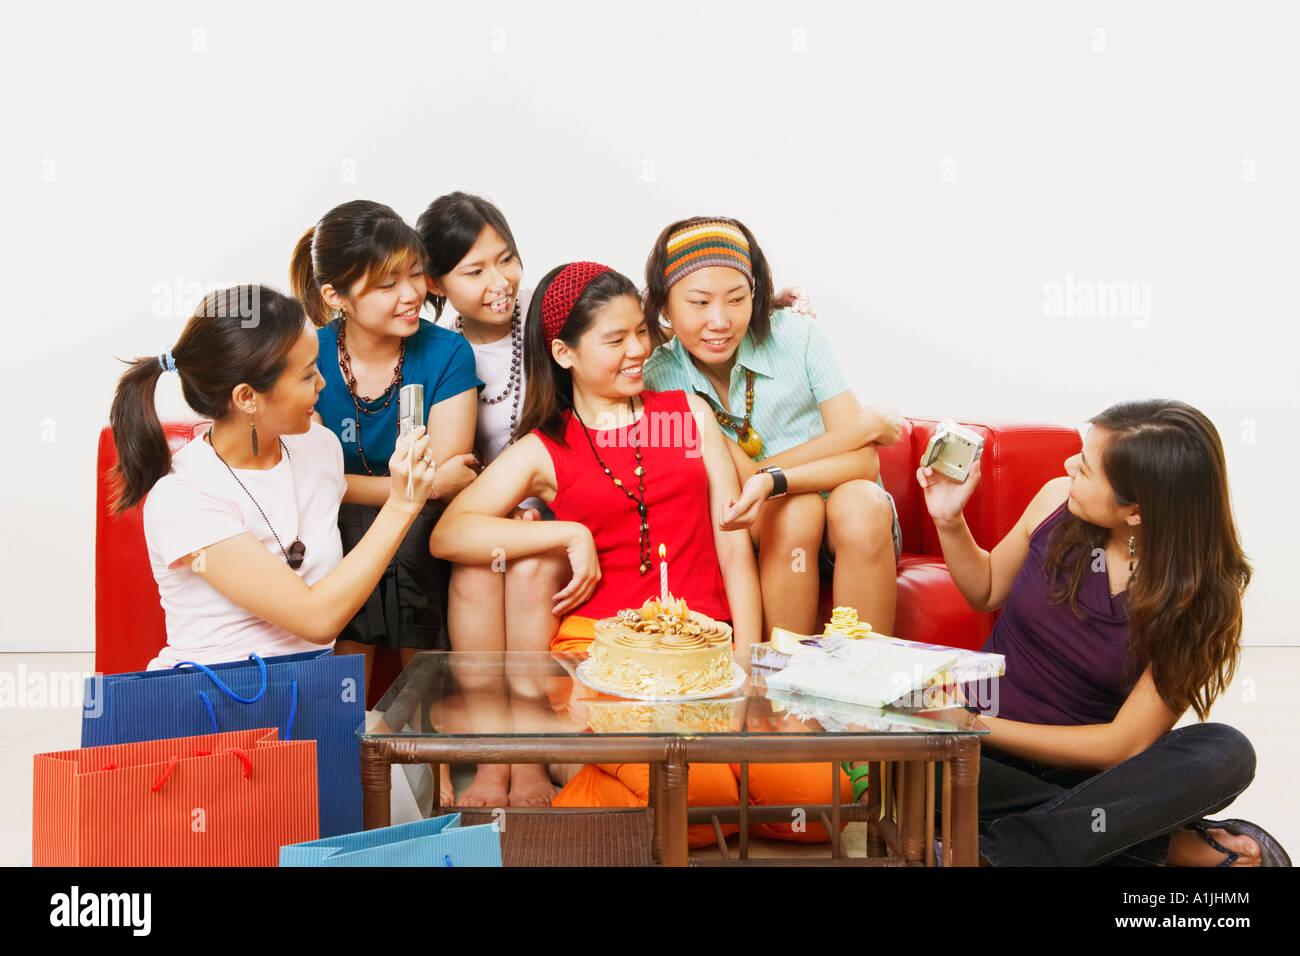 Junge Frau feiern ihren Geburtstag mit ihren Freunden Stockbild